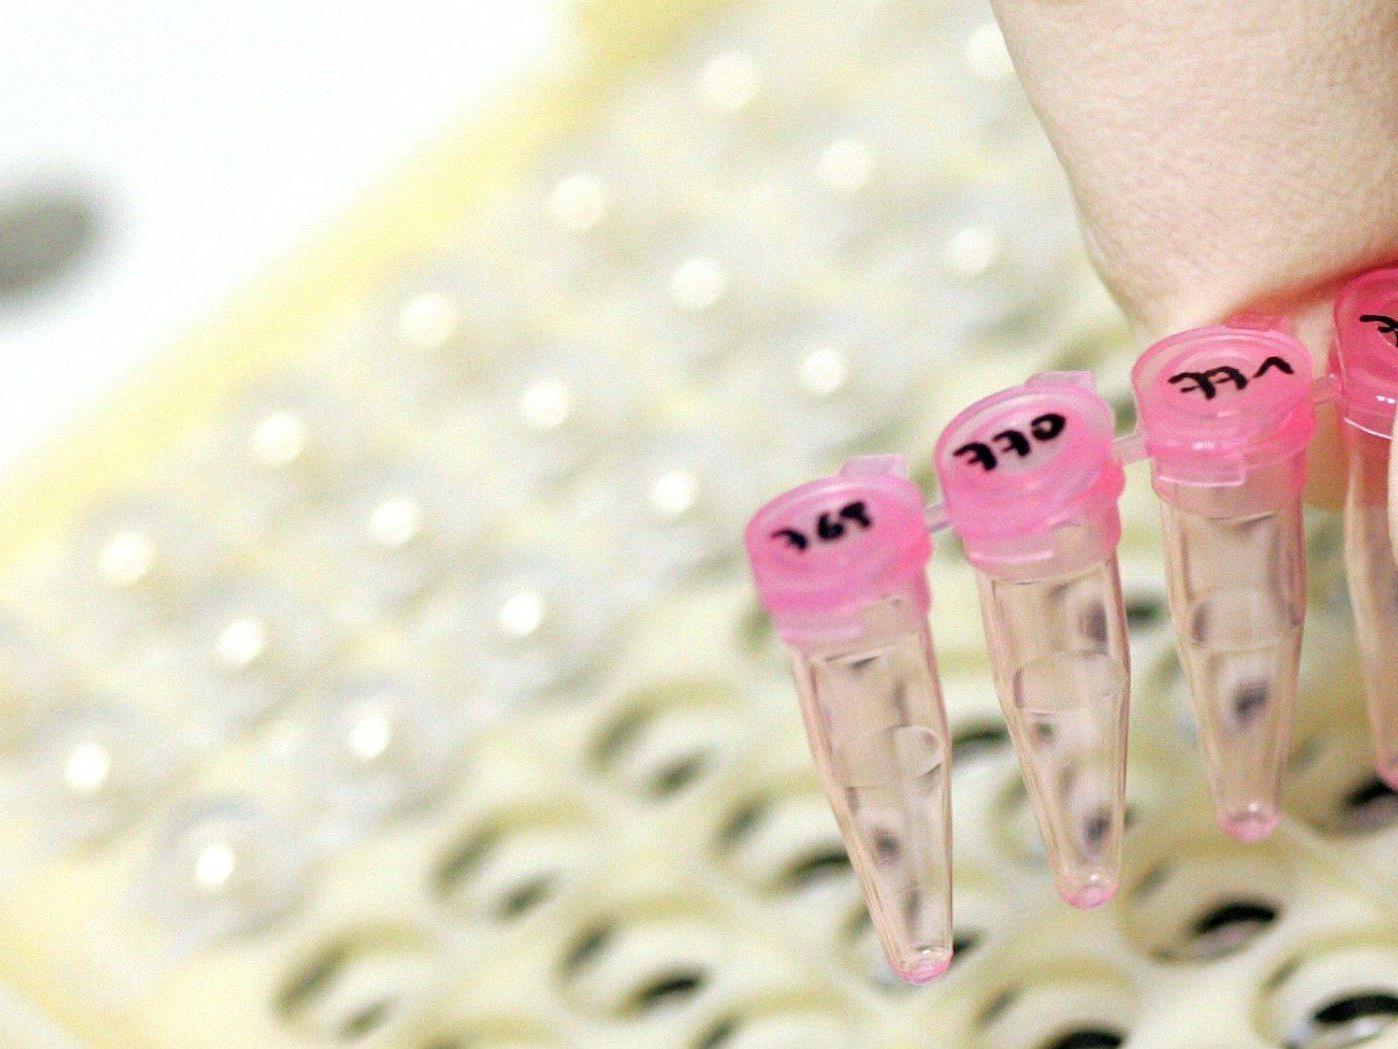 Kleines Gerät verabreicht etwa auch bei Parkinson automatisch Medikamente.